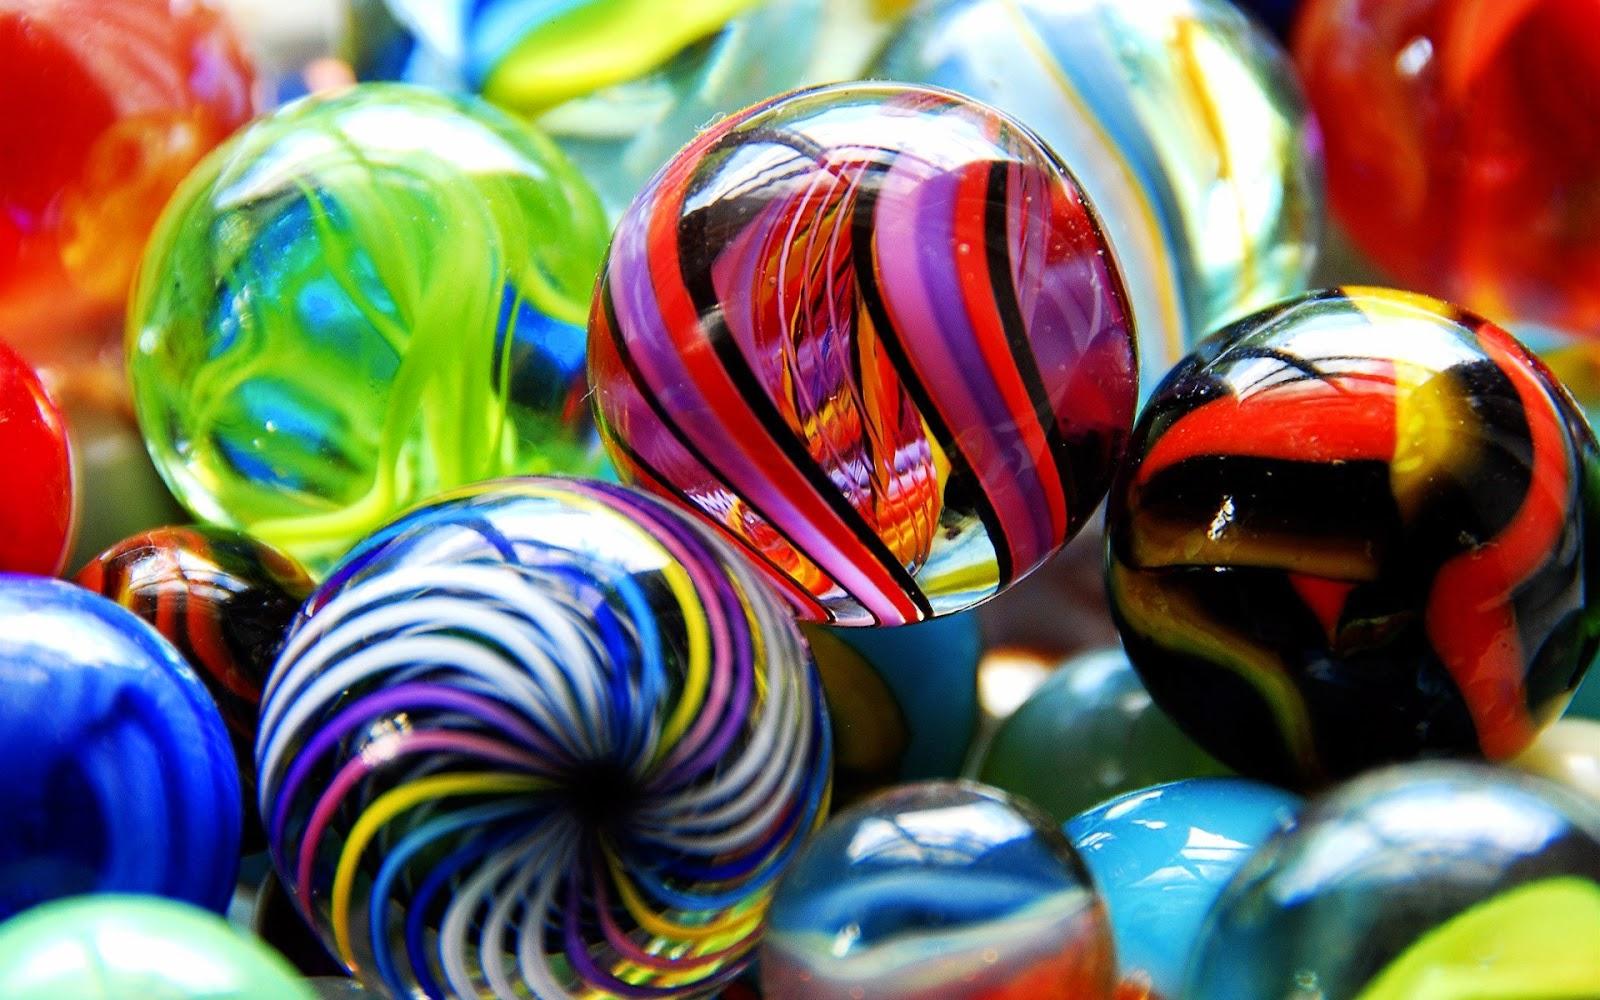 Gekleurde glazen knikkers hd wallpapers - Felle kleuren ...